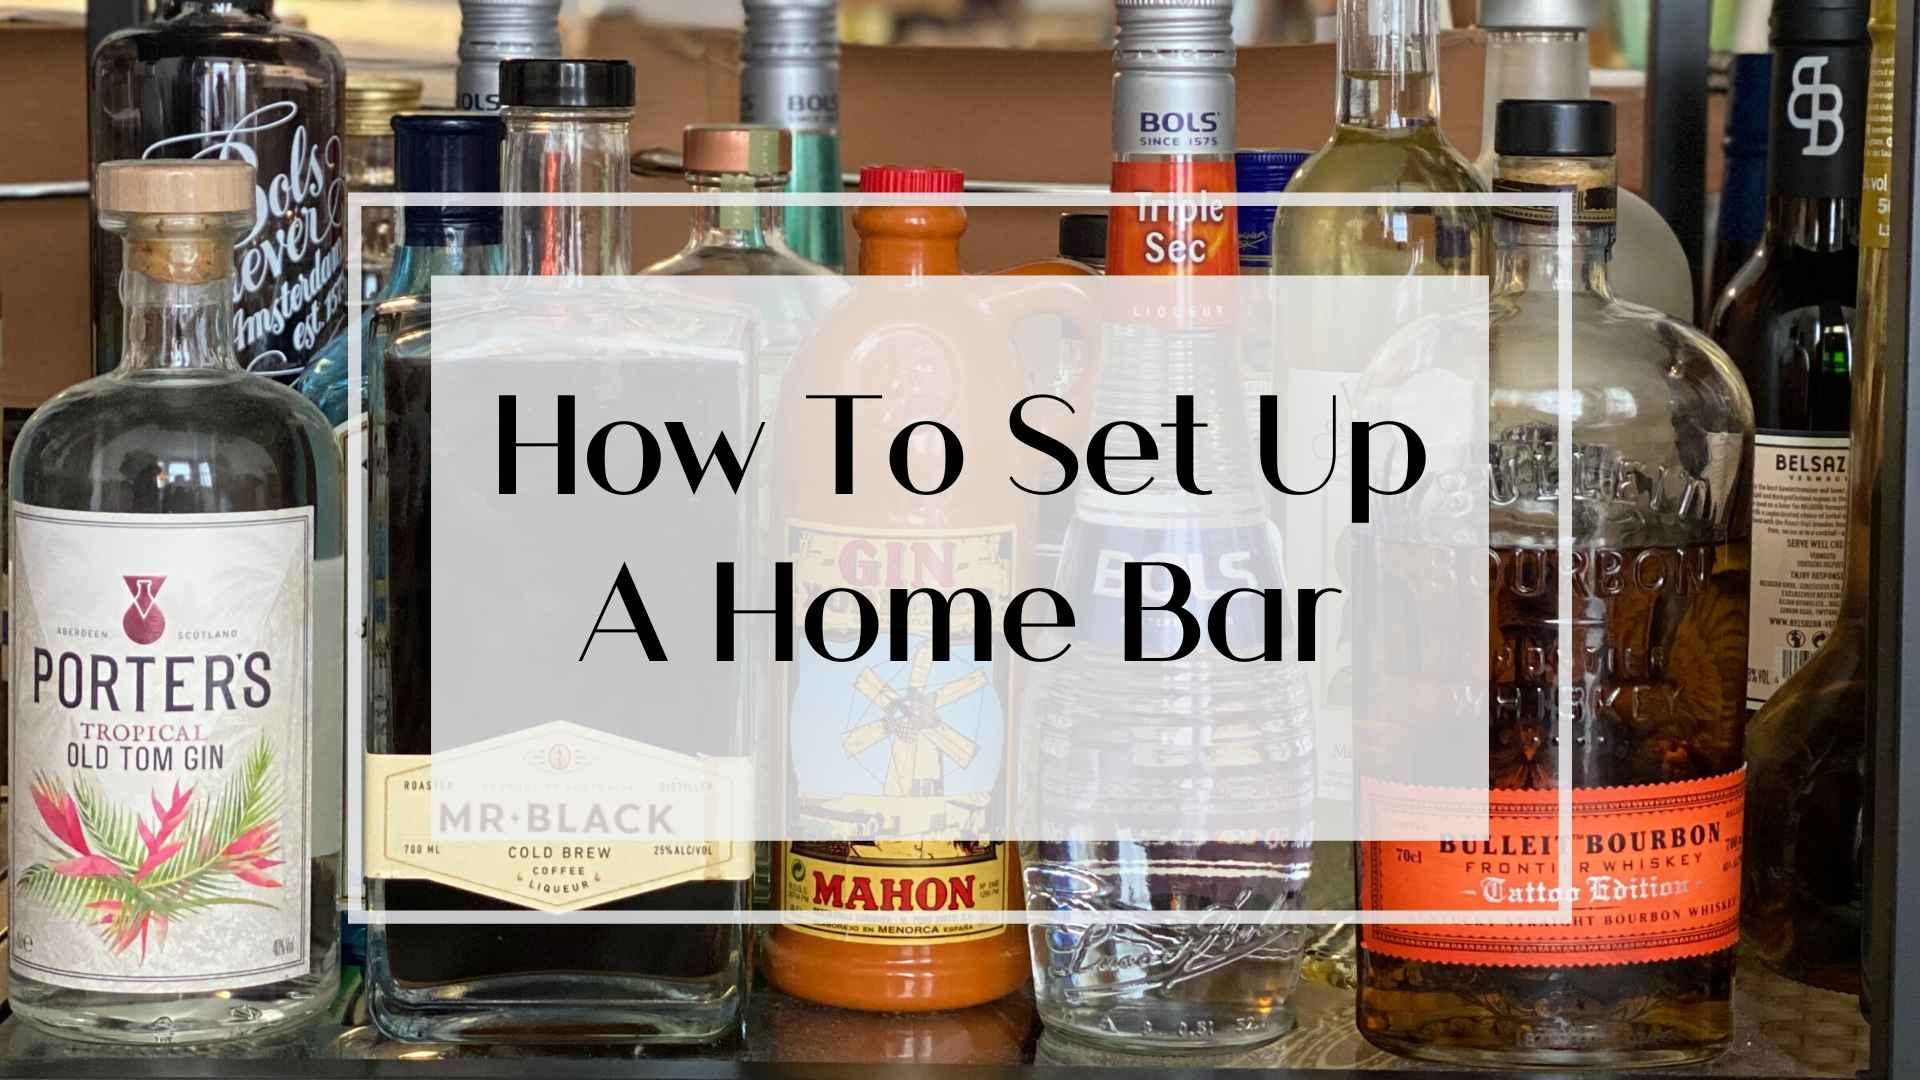 SITE - Home Bar